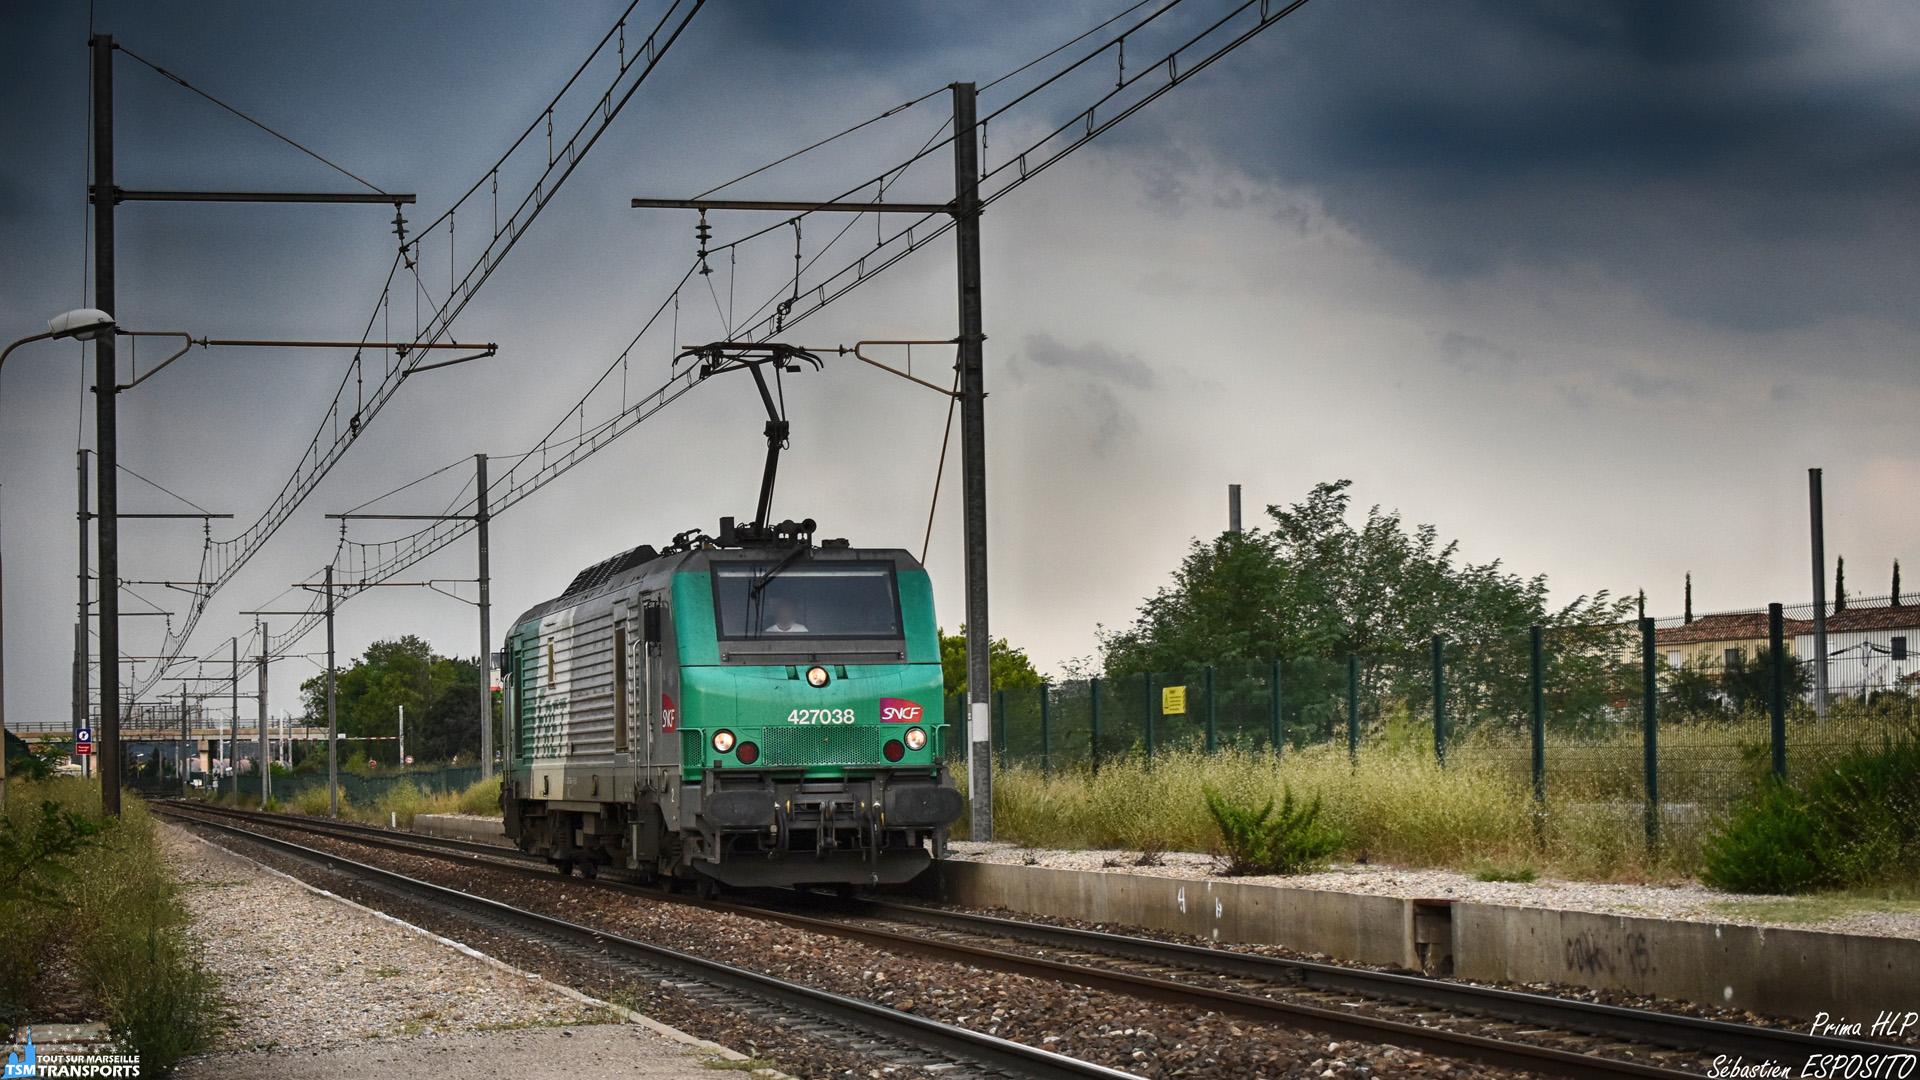 Fin Août, les fortes chaleurs entraînent des orages sur le Sud de la France et c'est sous les flashs de la foudre et le grondement de l'orage menaçant, que cette prima dans sa robe verte passe en vitesse en Gare de Rassuen pour espérer échappée à l'averse imminente. . ℹ️ Alstom BB27000 (BB27038) SNCF. . 📍 Gare de Rassuen, 569 Route de Fos RN, 13800 Rassuen. . 📸 Nikon D5600. . 📷 Nikkor 18-55mm. . 📅 22 Août 2018 à 15:48. . 👨 Sébastien ESPOSITO accompagné de @lordregio13 .